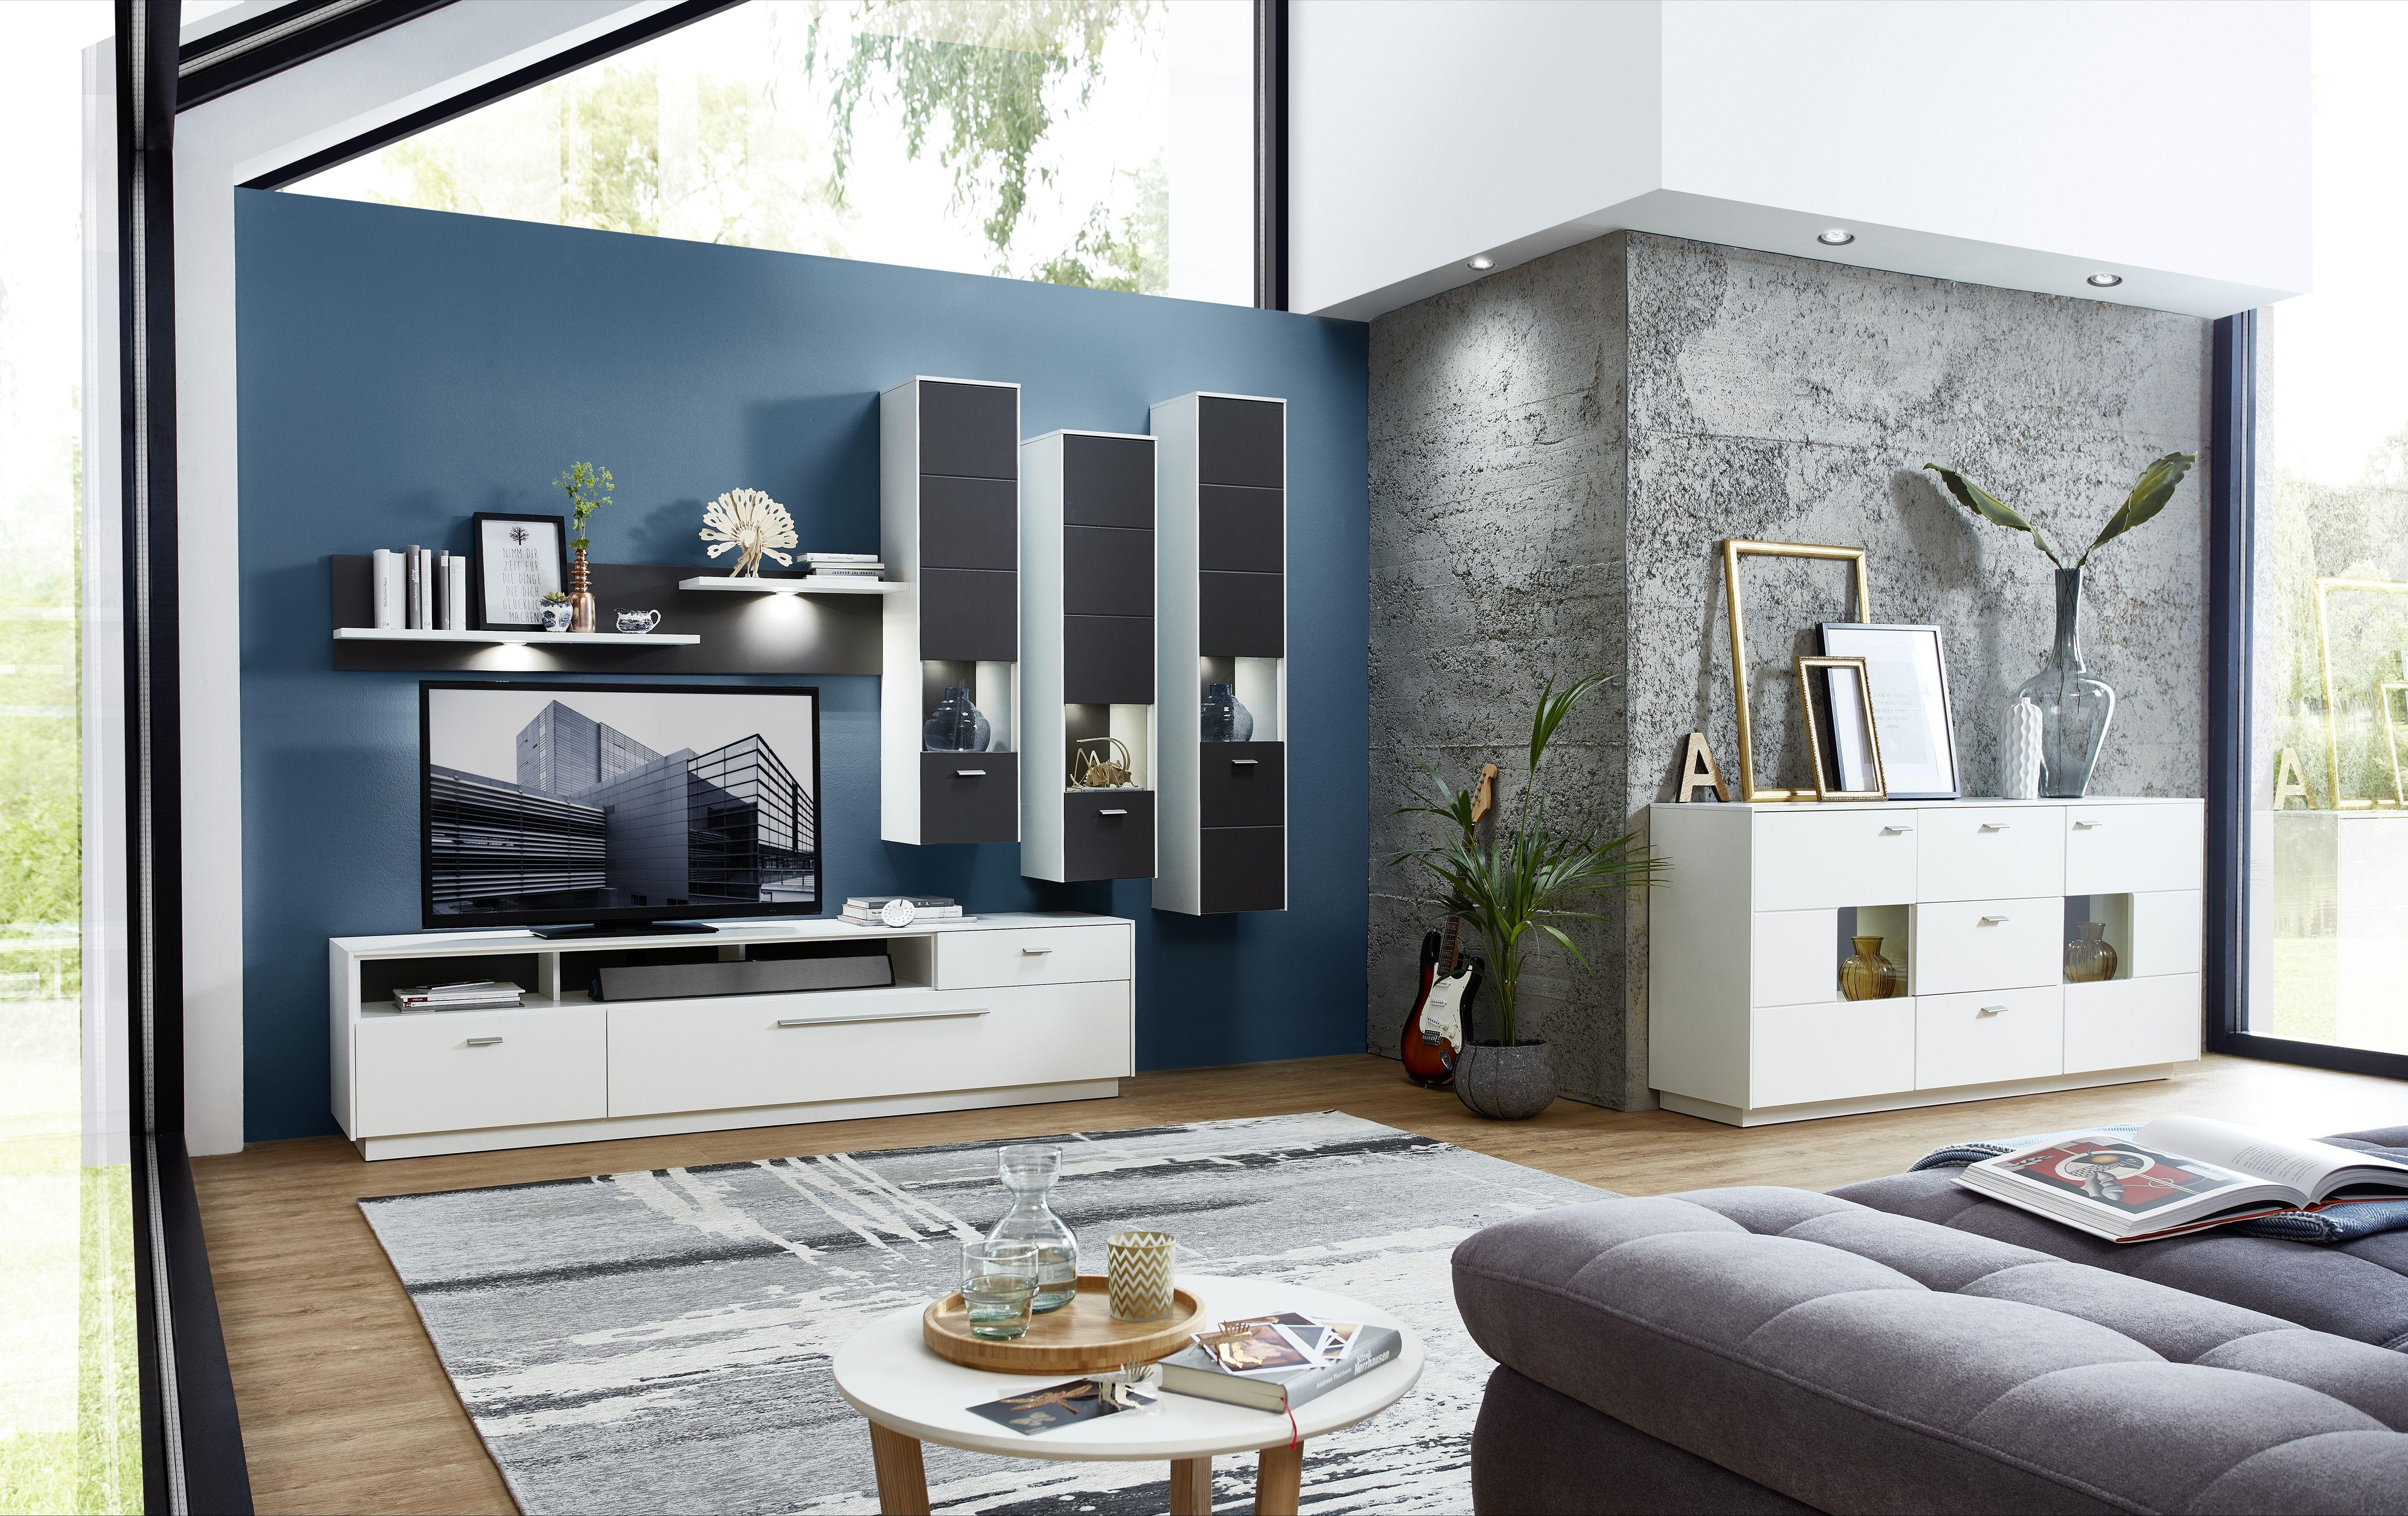 wohnwand mit sideboard weiss grau und beleuchtung woody. Black Bedroom Furniture Sets. Home Design Ideas